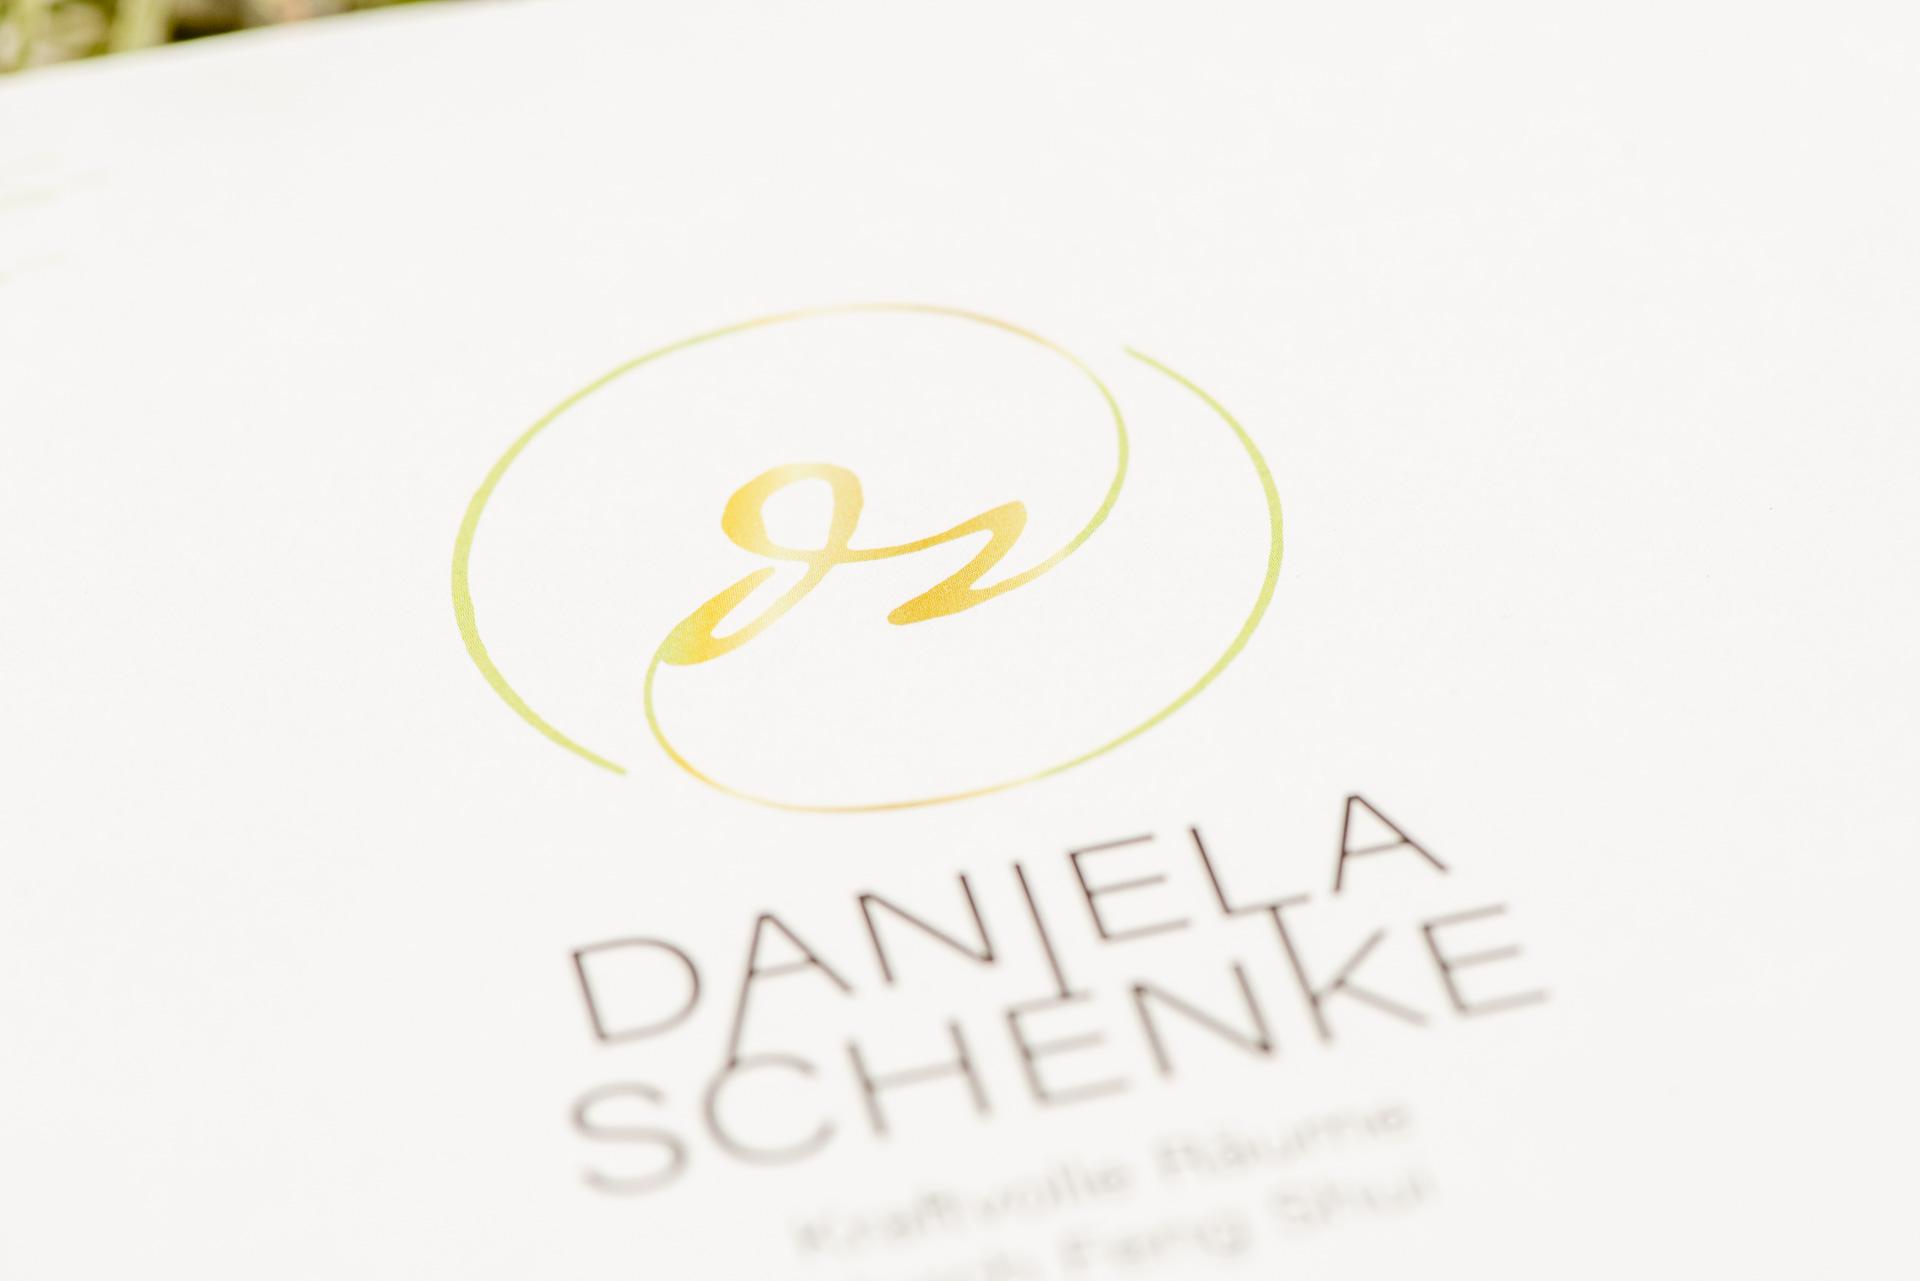 Drucksachen Für Daniela Schenke In Kempten Allgäu